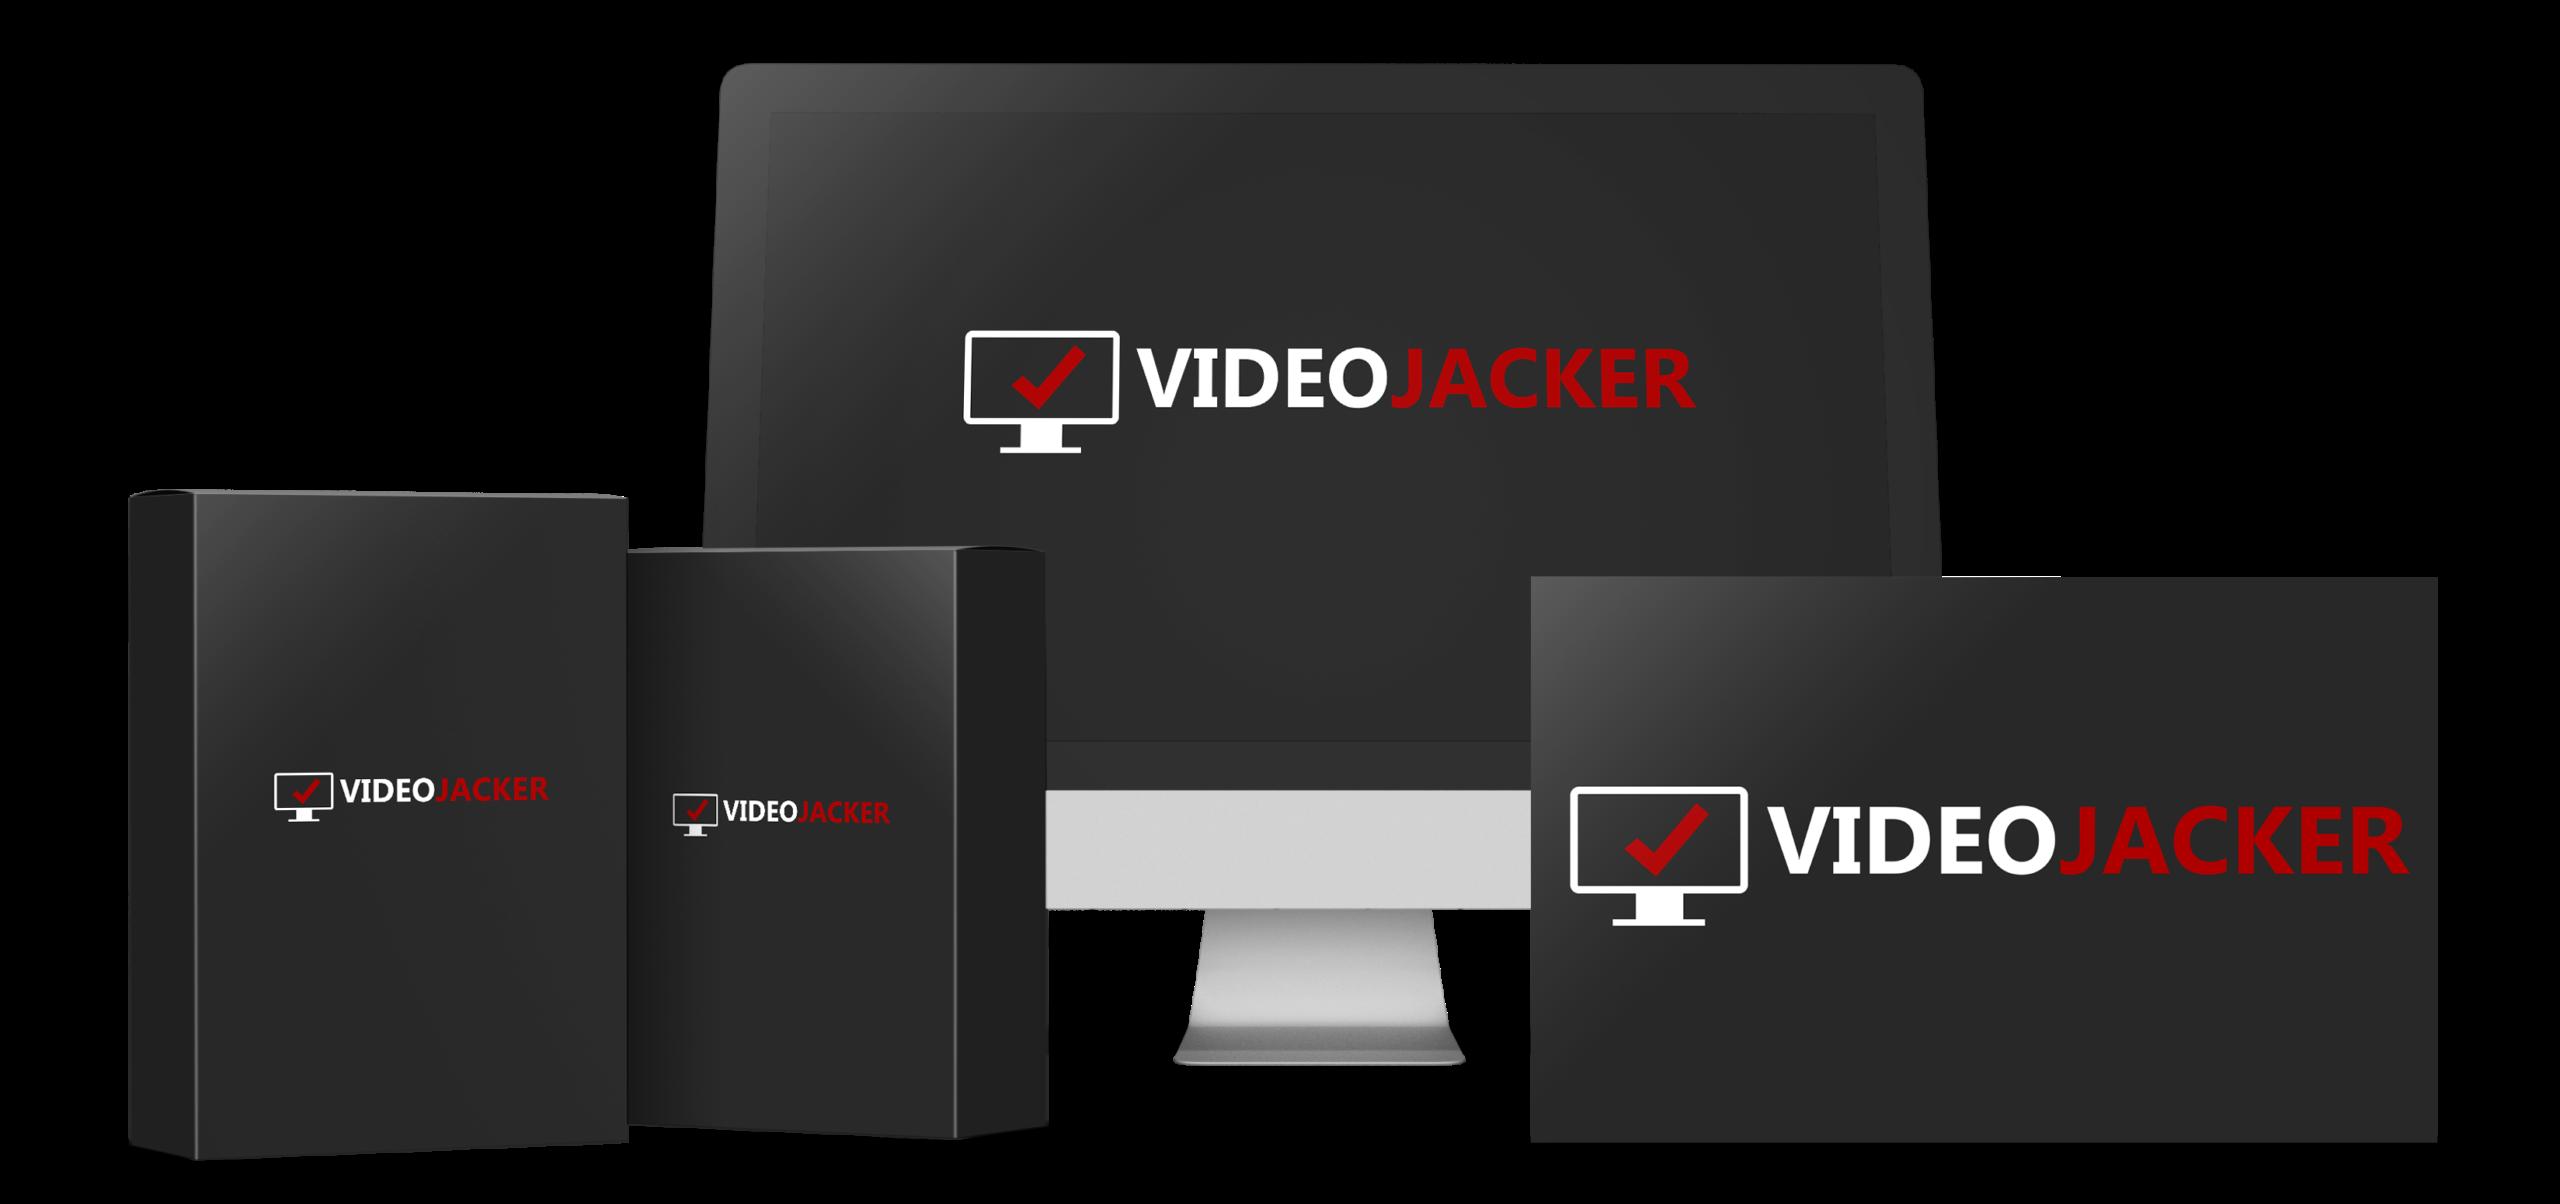 Video Jacker